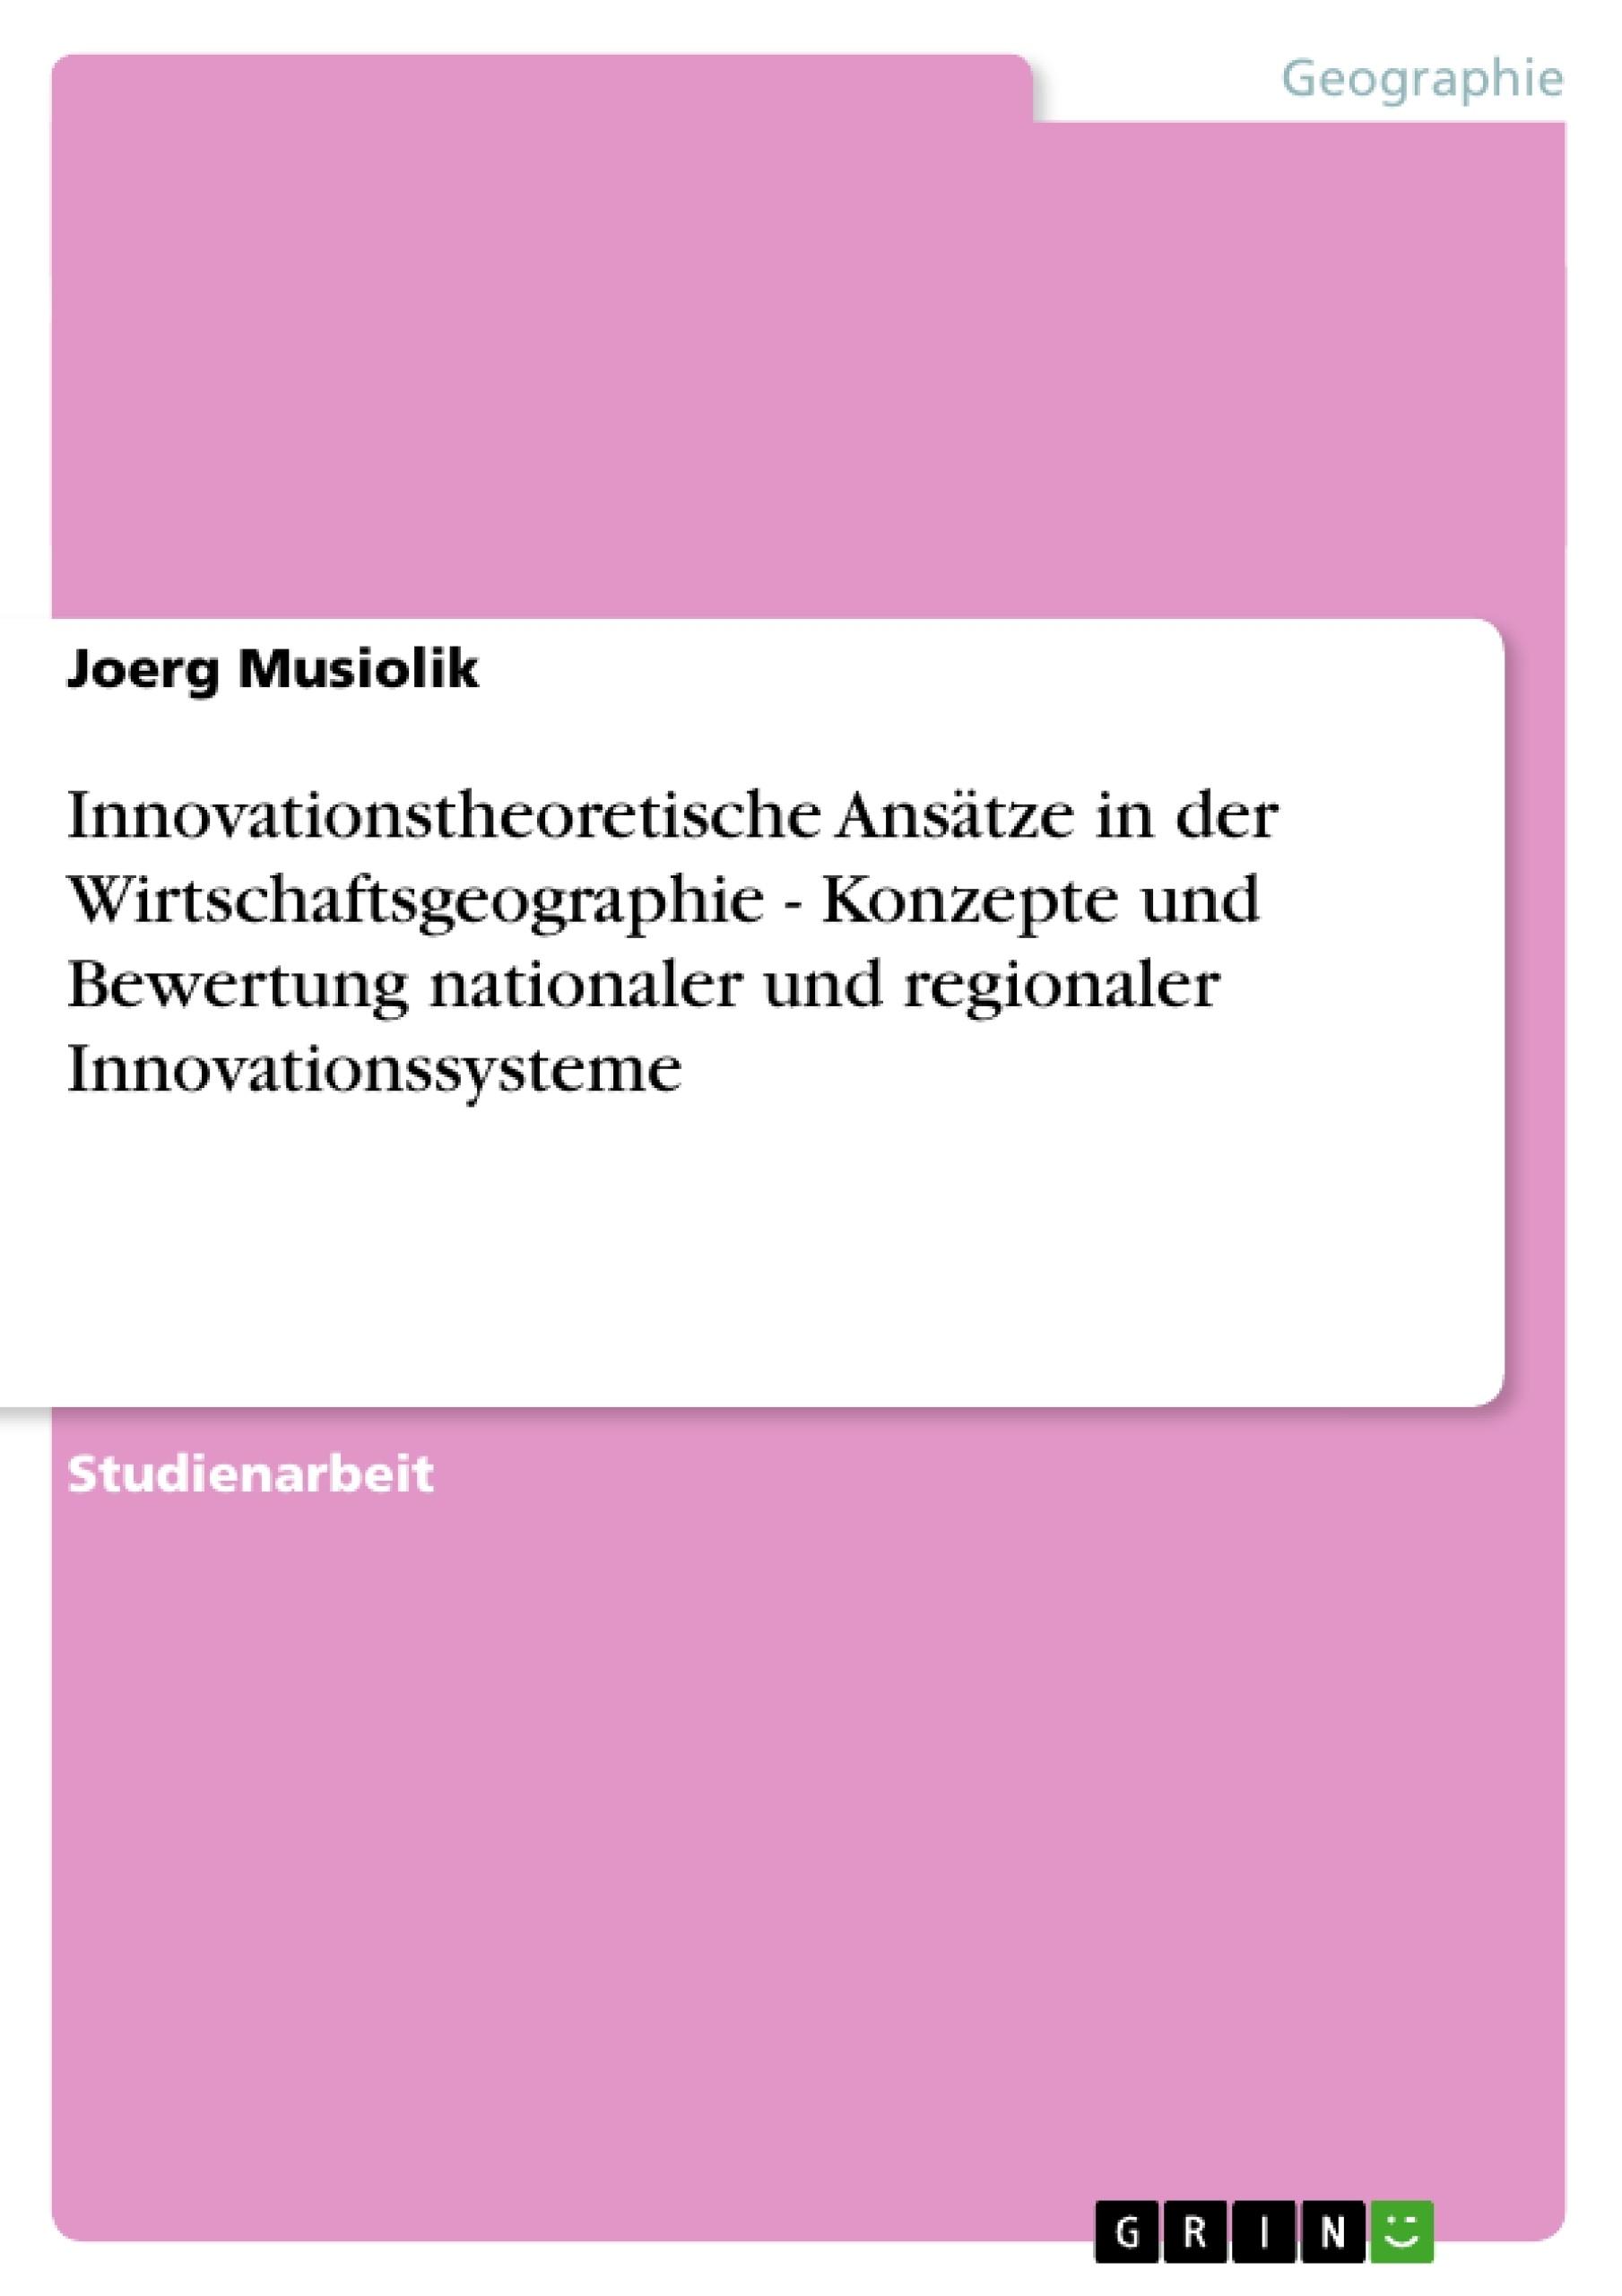 Titel: Innovationstheoretische Ansätze in der Wirtschaftsgeographie - Konzepte und Bewertung nationaler und regionaler Innovationssysteme